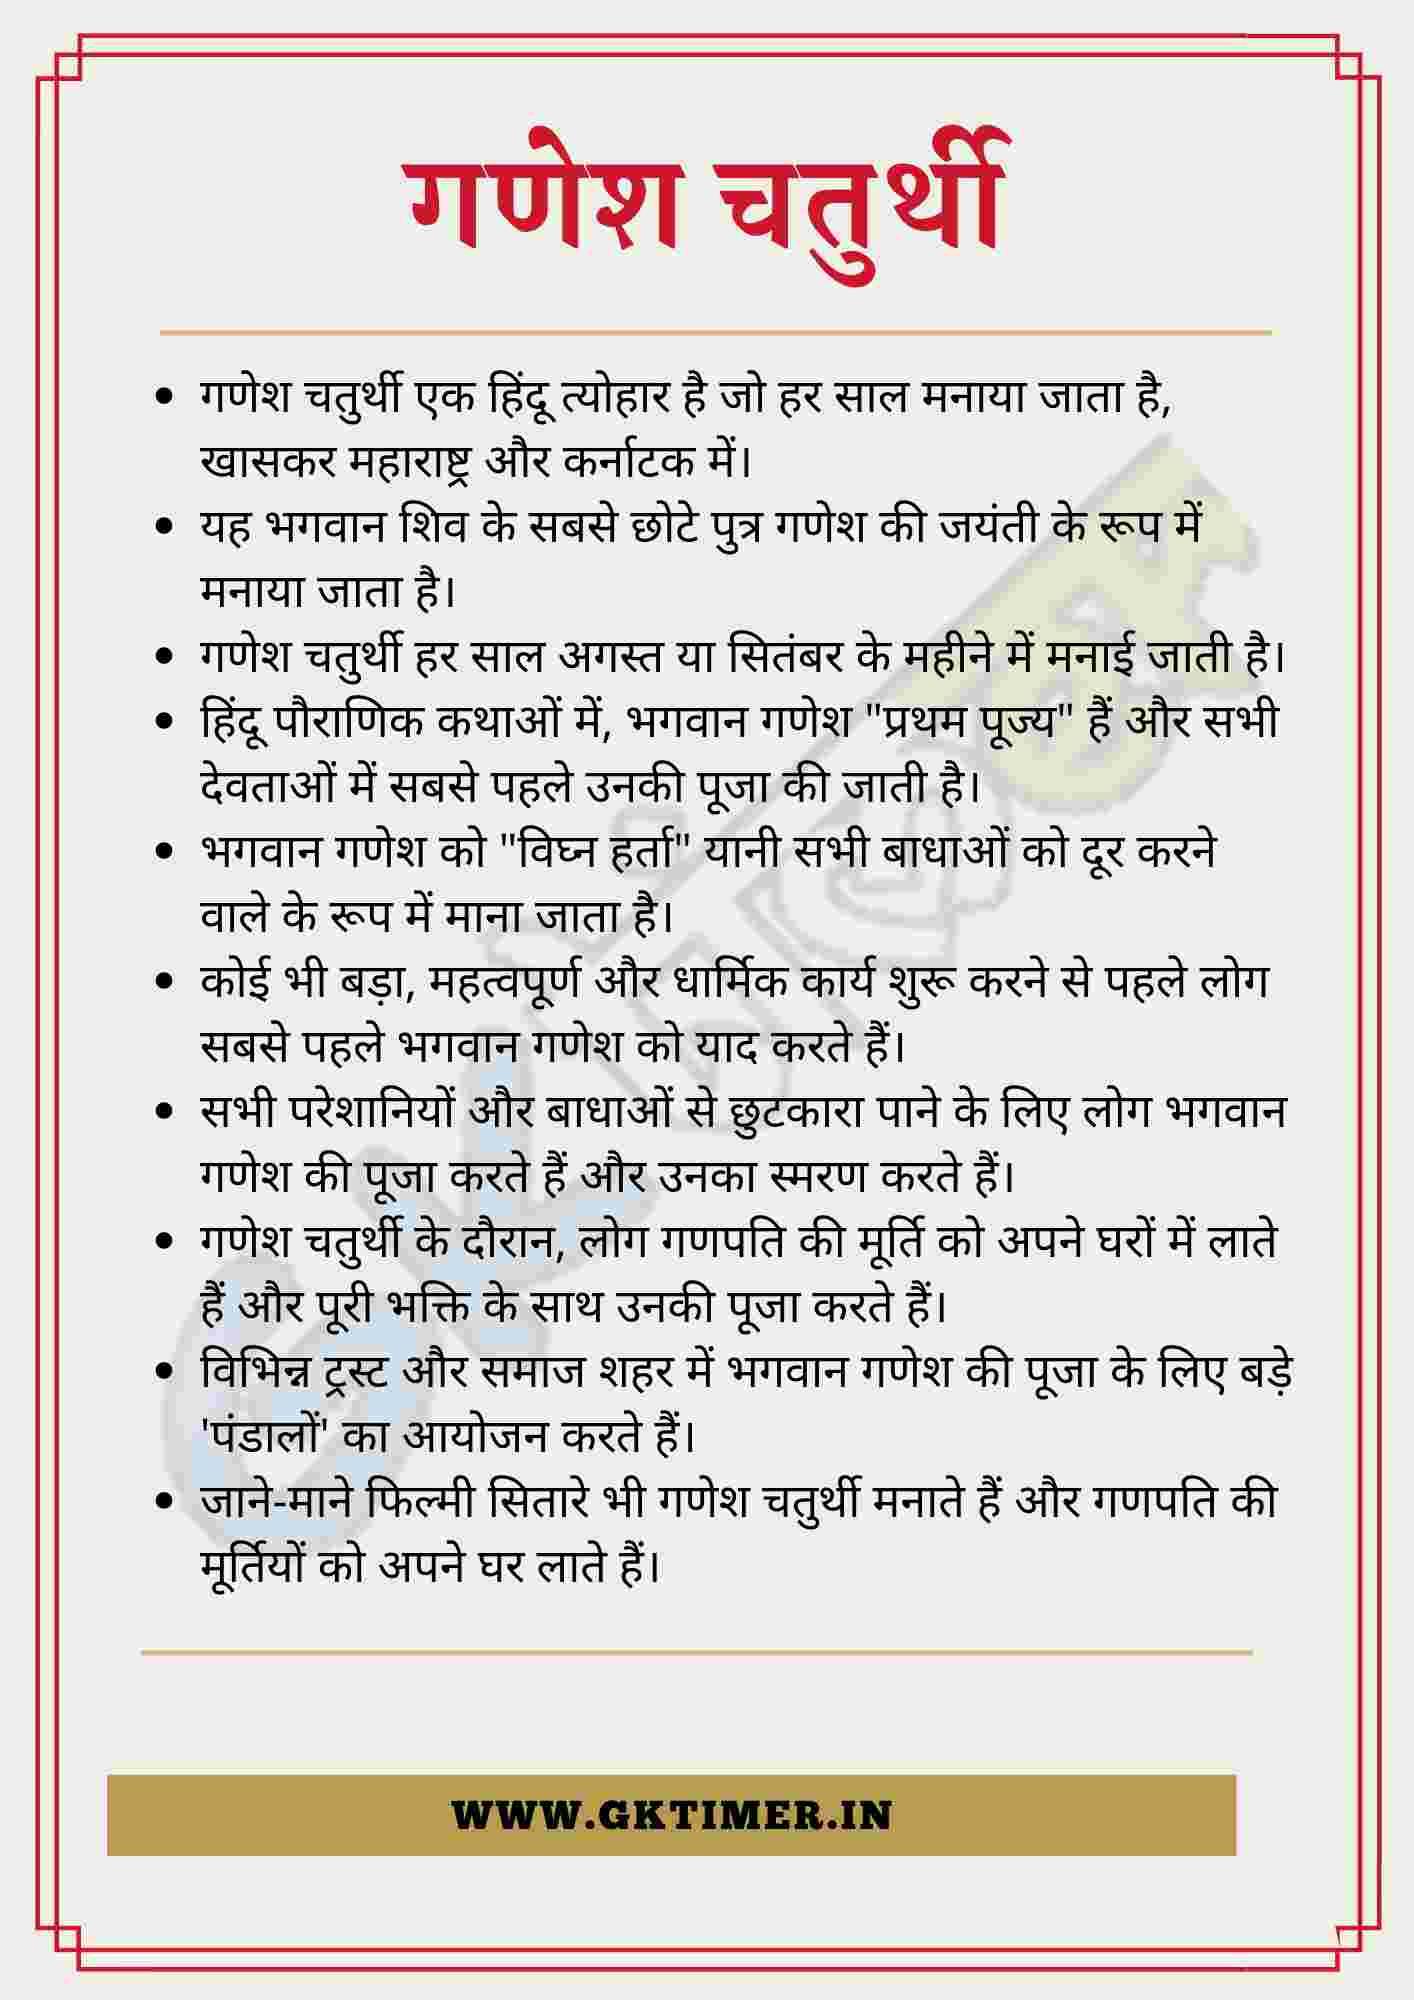 गणेश चतुर्थी पर निबंध | Ganesh Chaturthi Essay in Hindi | 10 Lines on Ganesh Chaturthi in Hindi